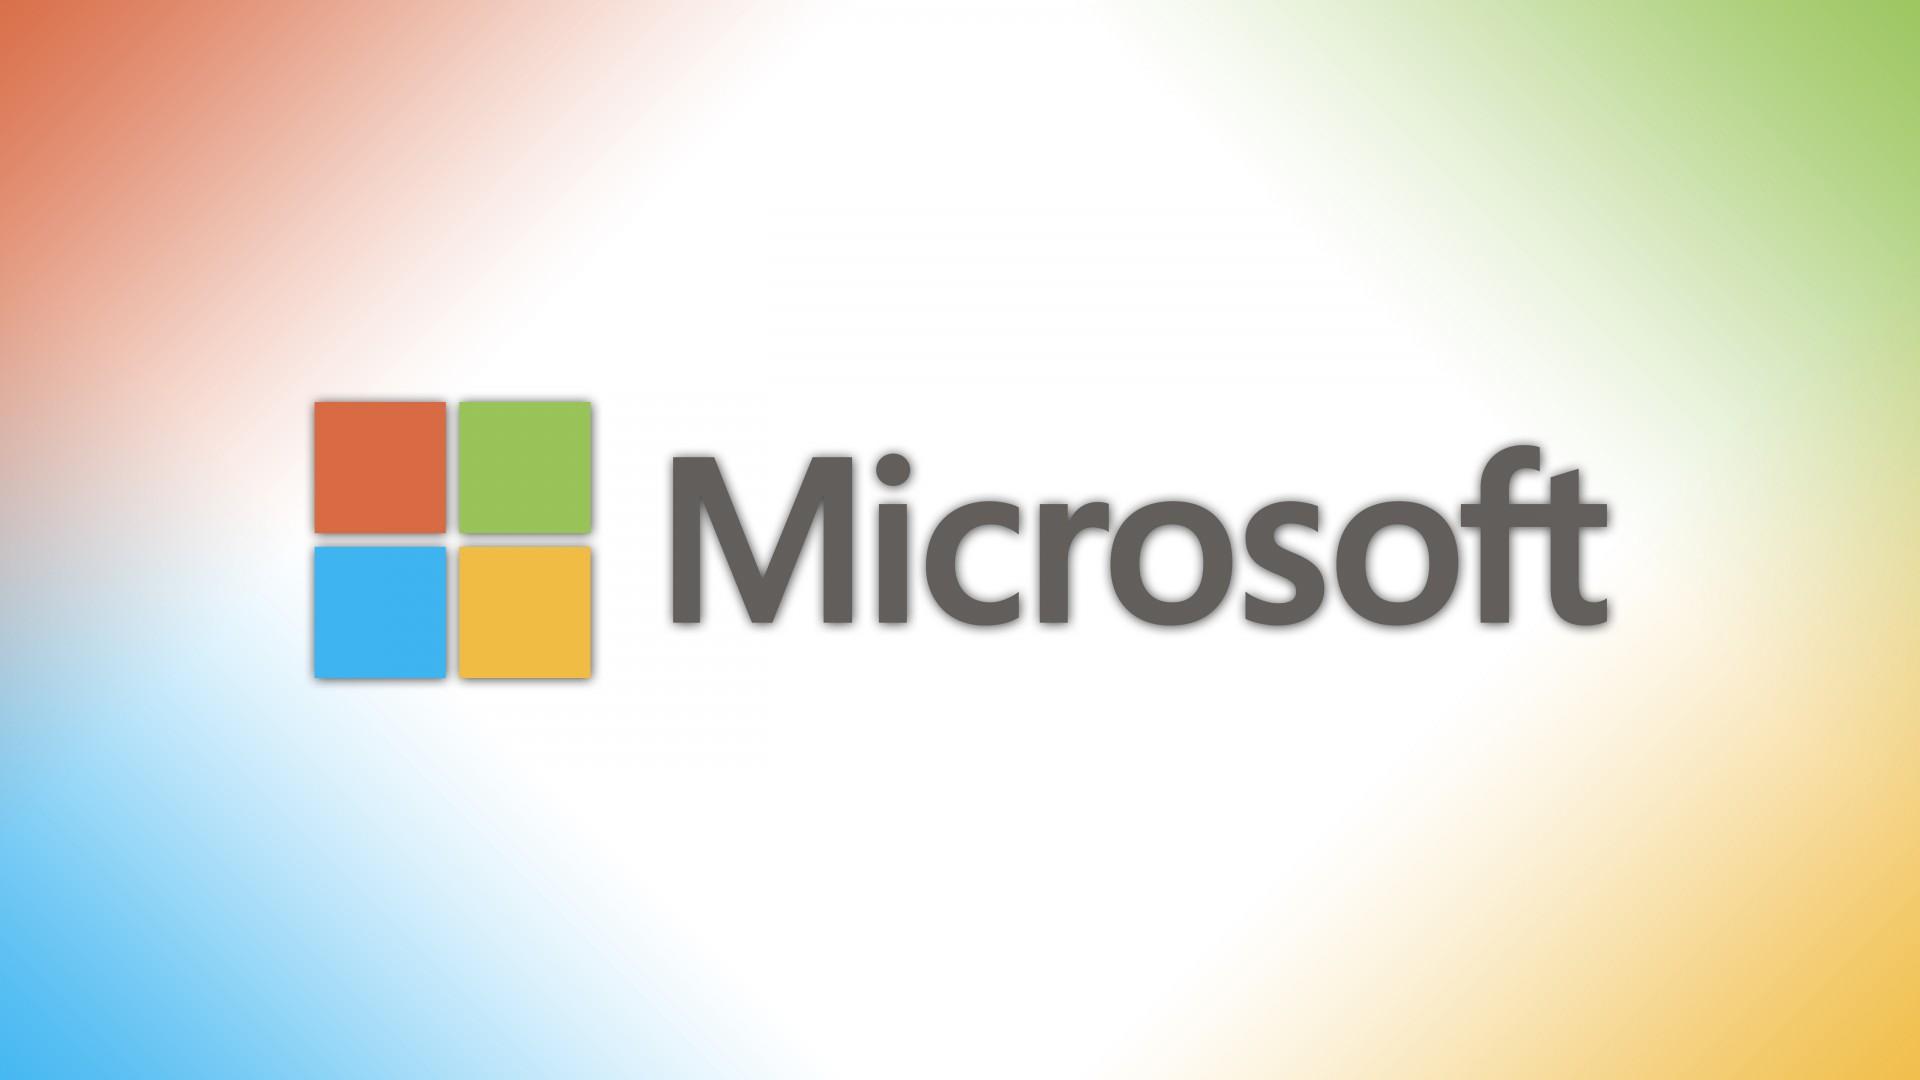 Microsoft Free Desktop Backgrounds - WallpaperSafari